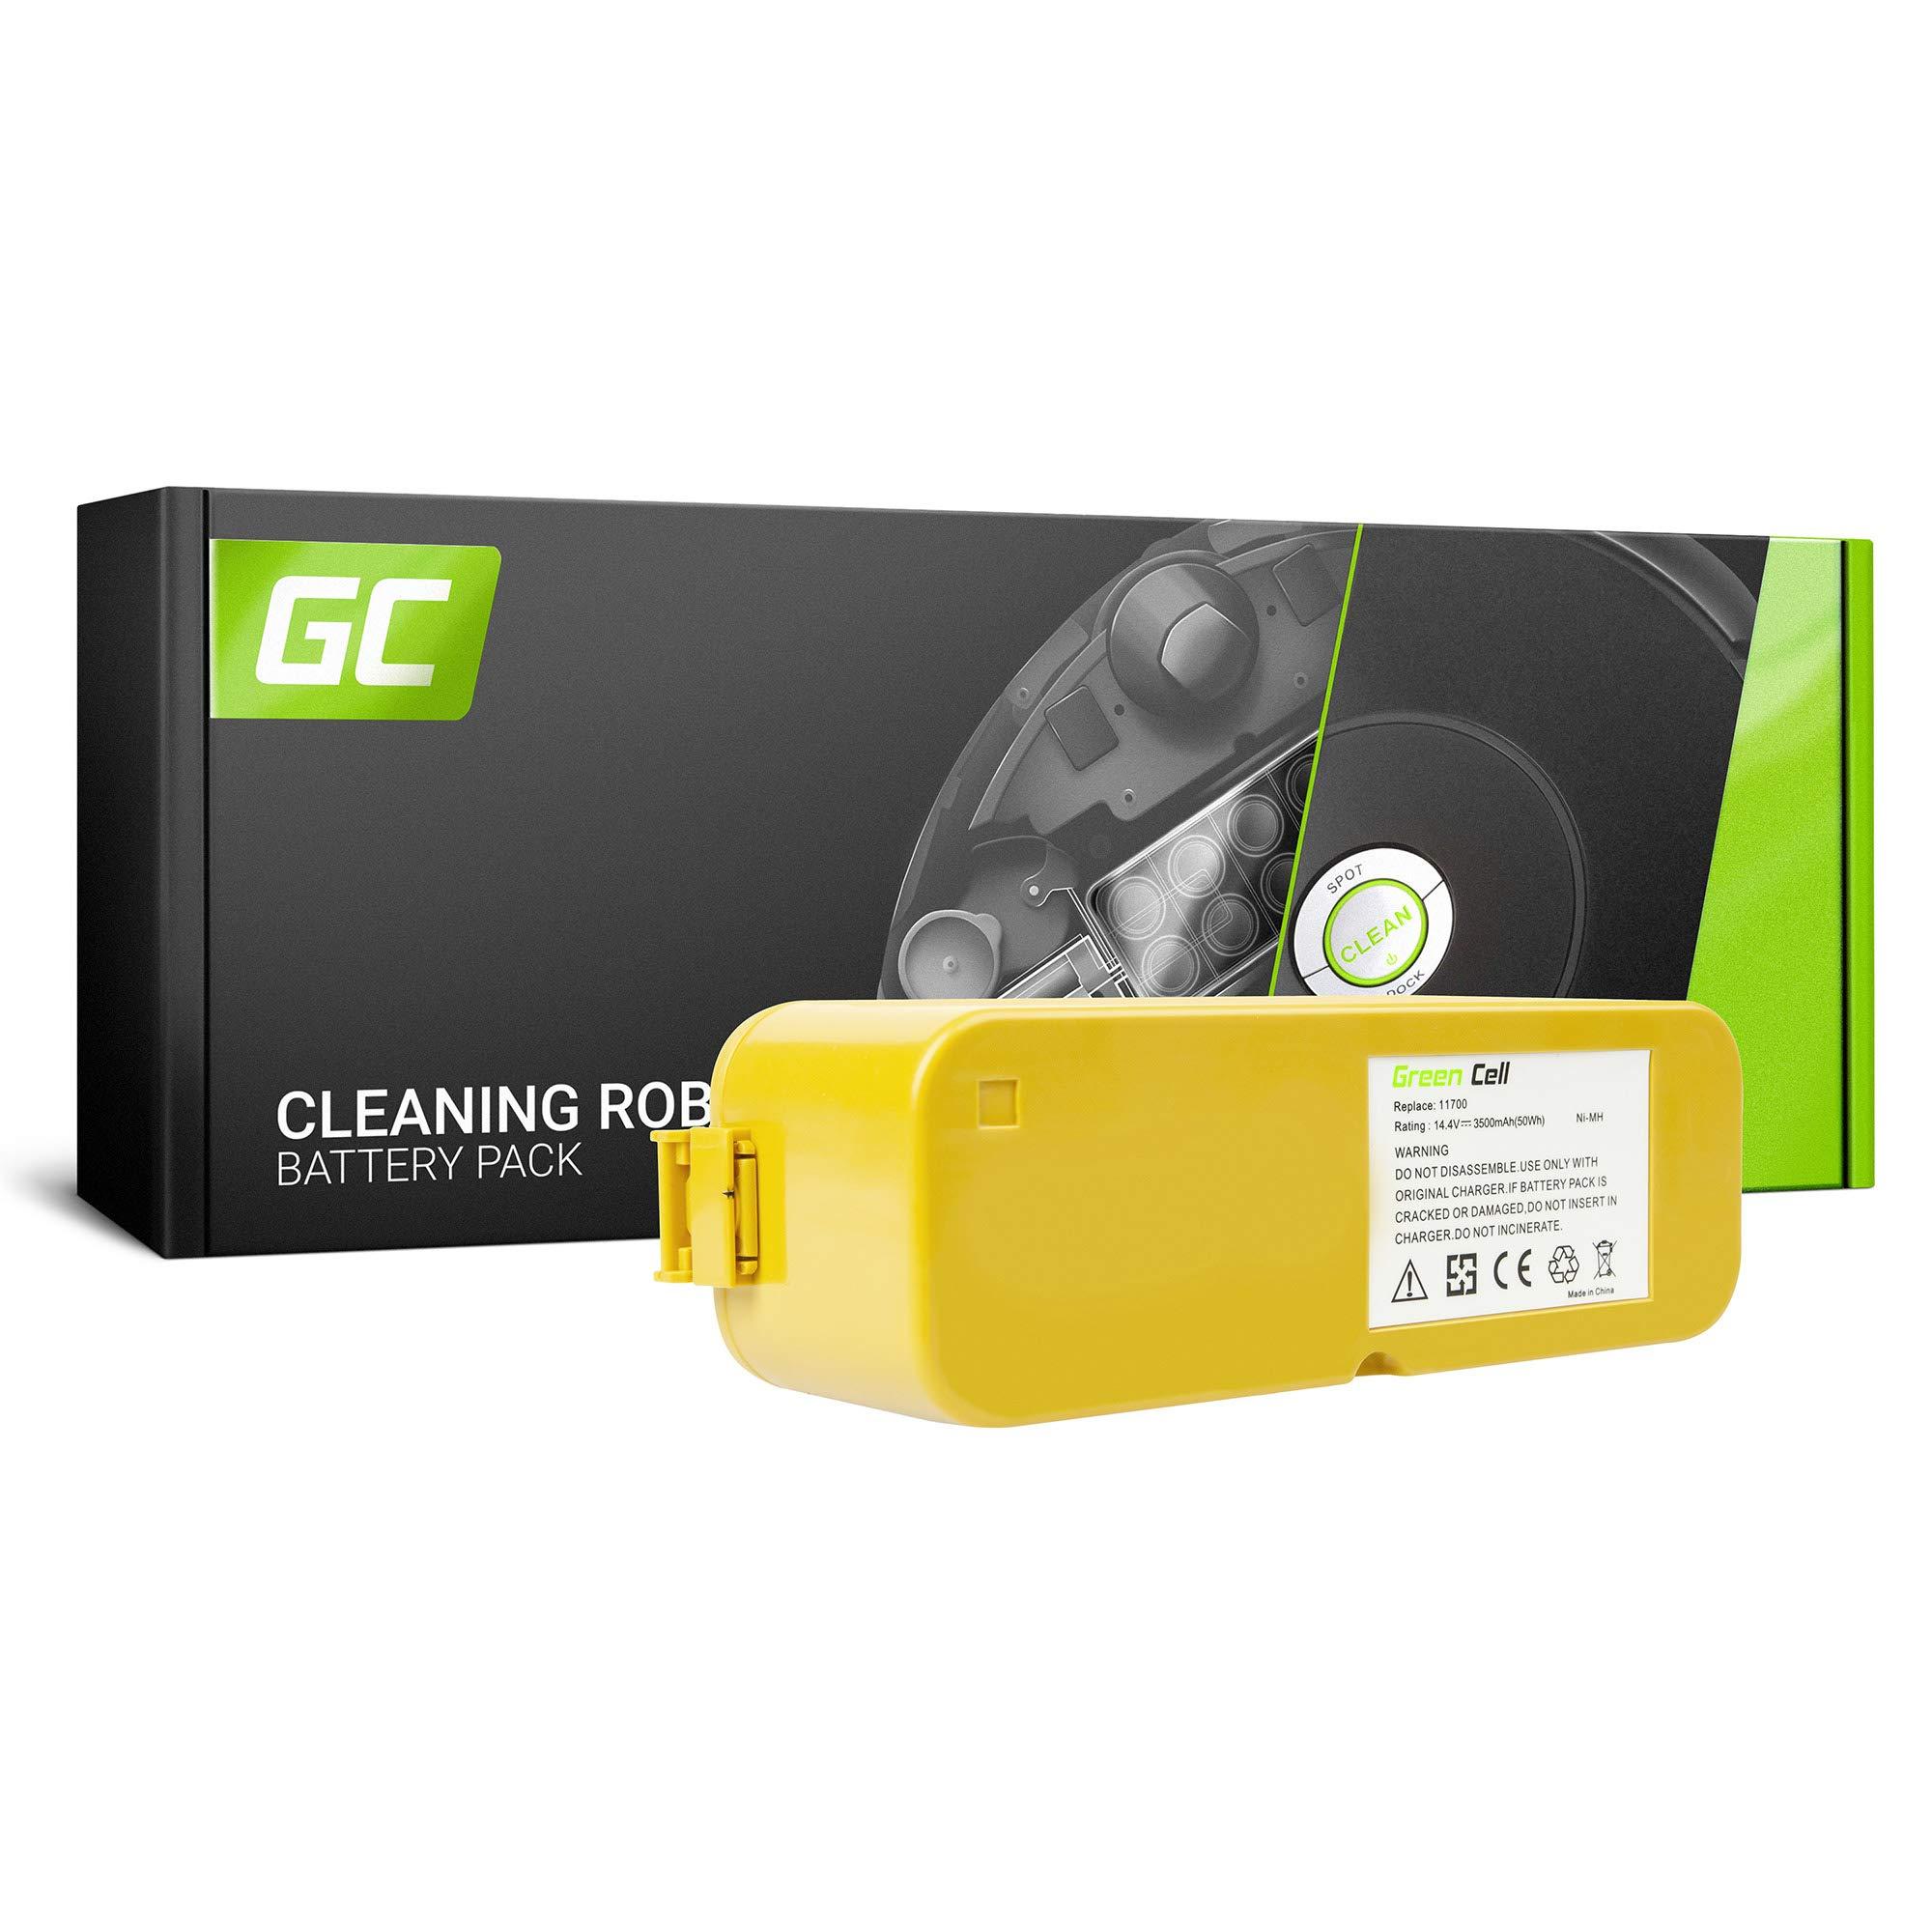 GC® (3.5Ah 14.4V Ni-MH pile) Batería para iRobot Roomba 5210 de Aspirado: Amazon.es: Bricolaje y herramientas